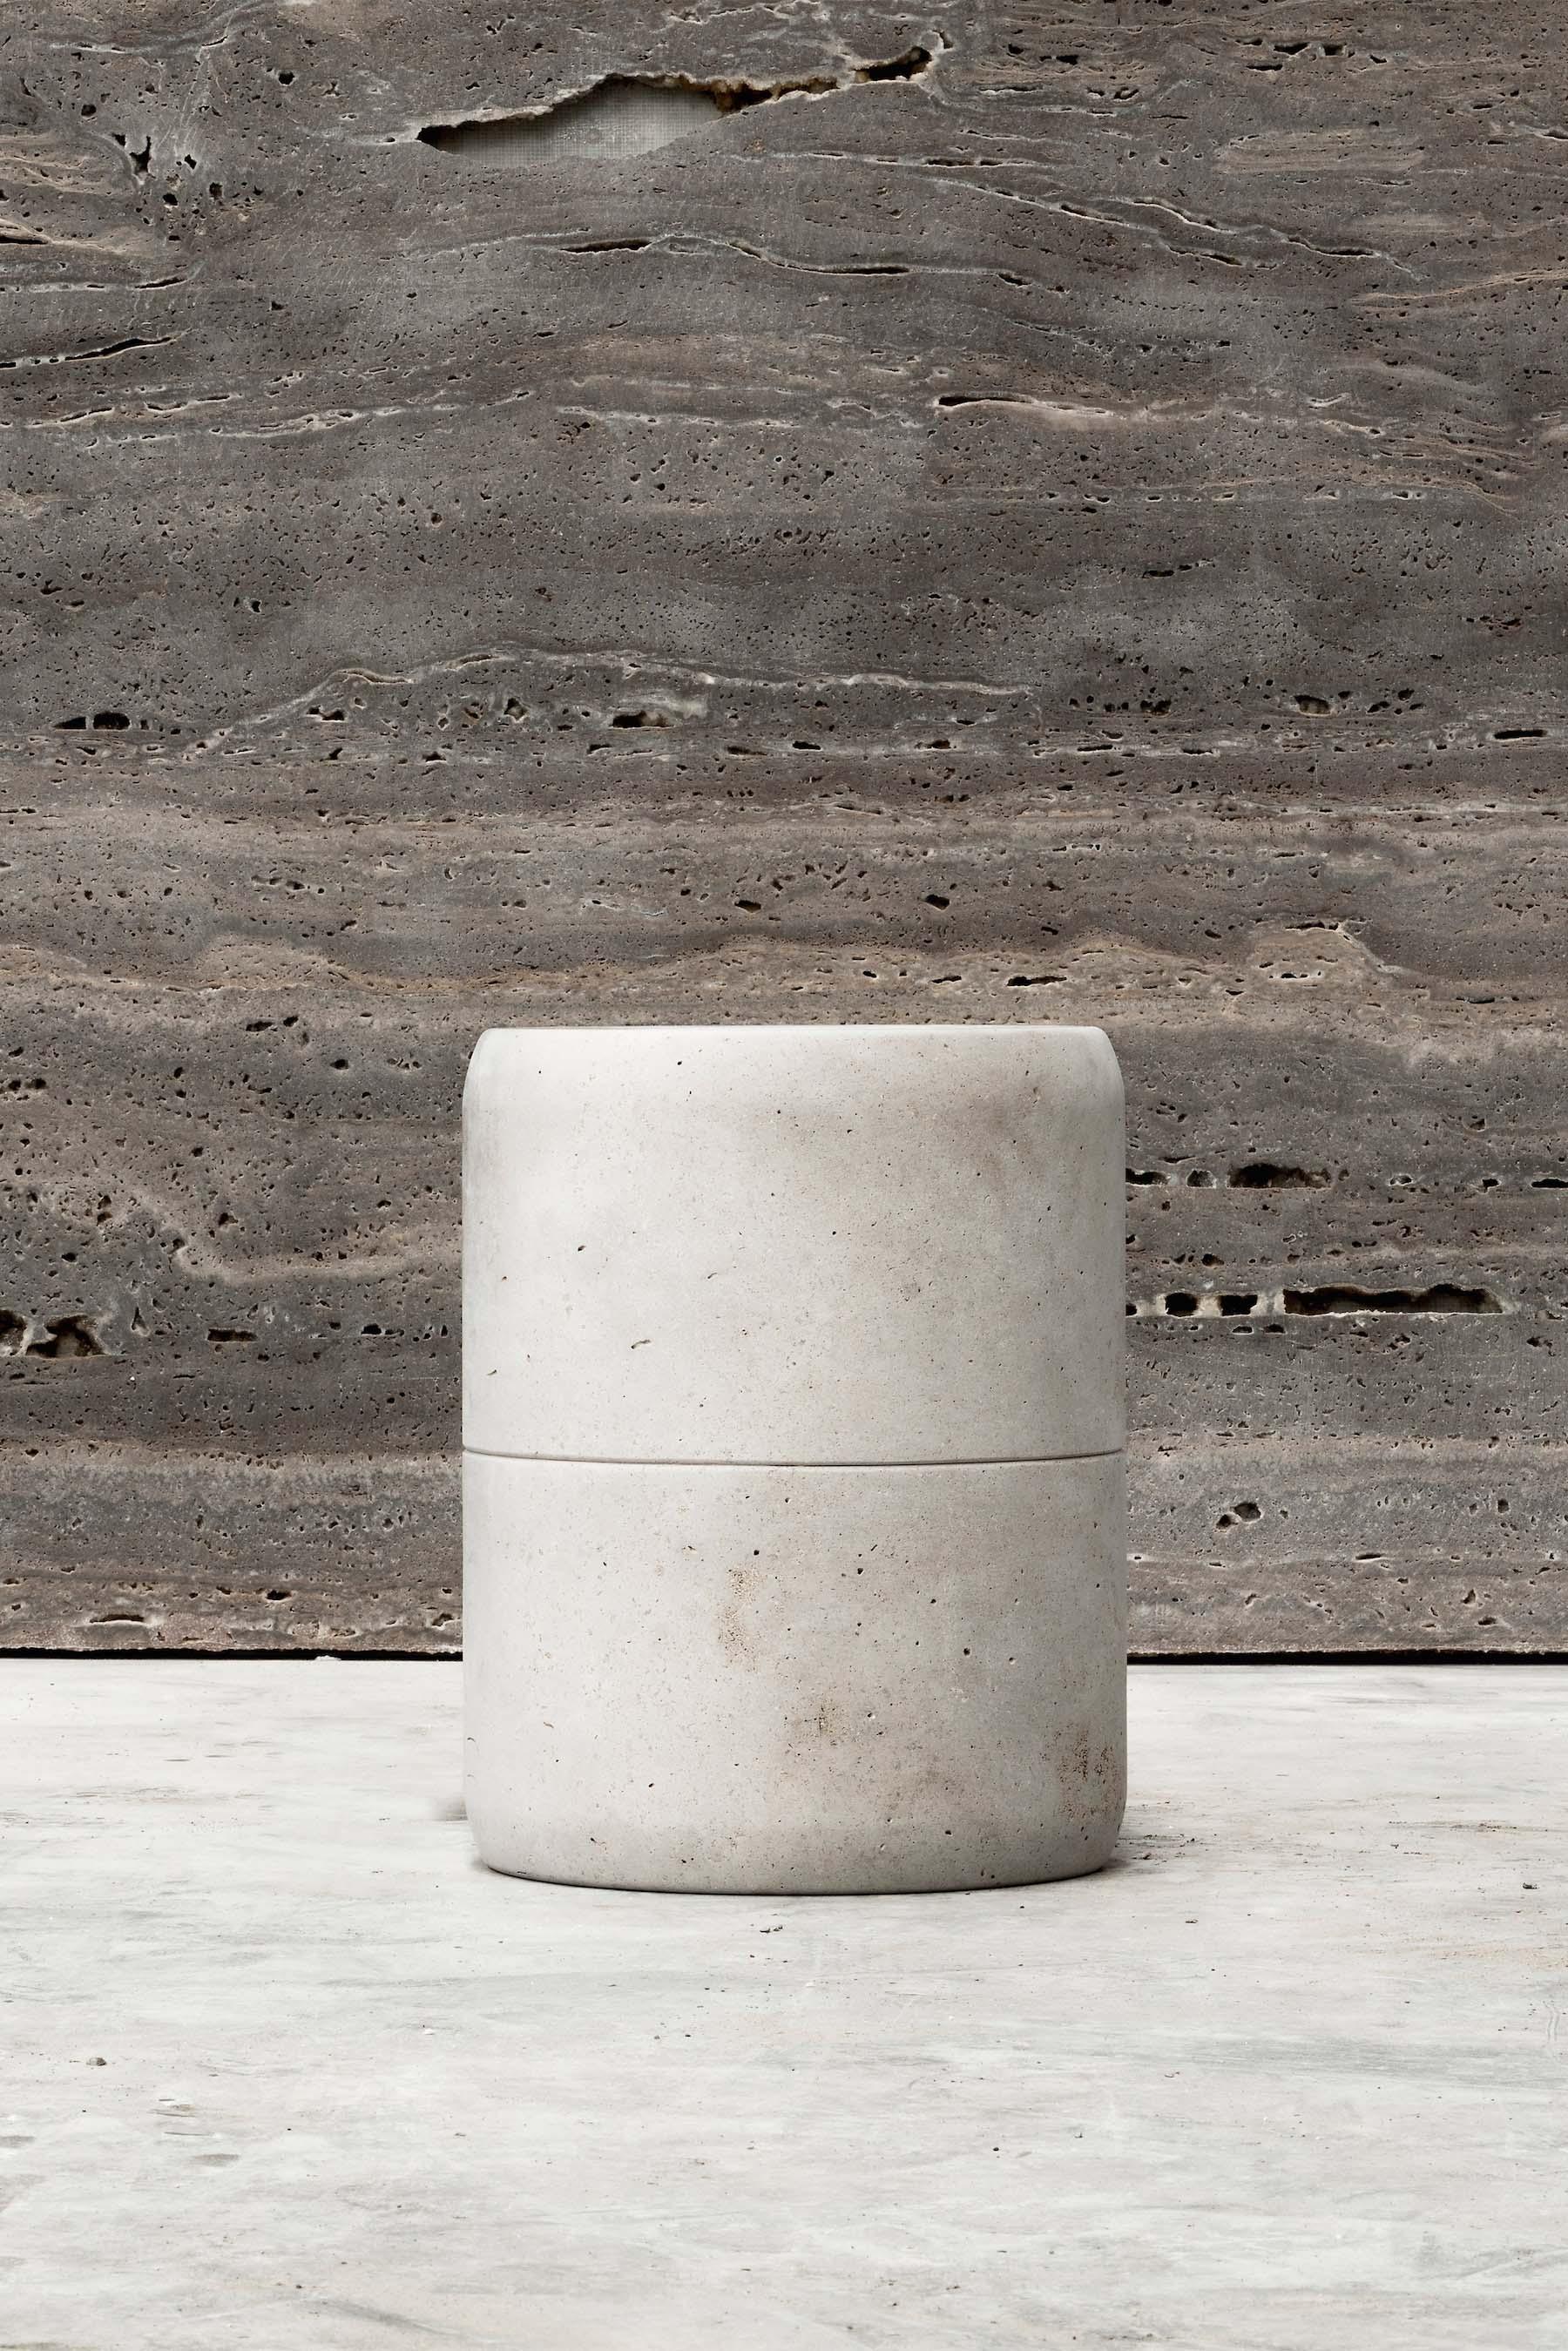 iGNANT-Design-Francesco-Balzano-and-Valeriane-Lazard-Primitif-19